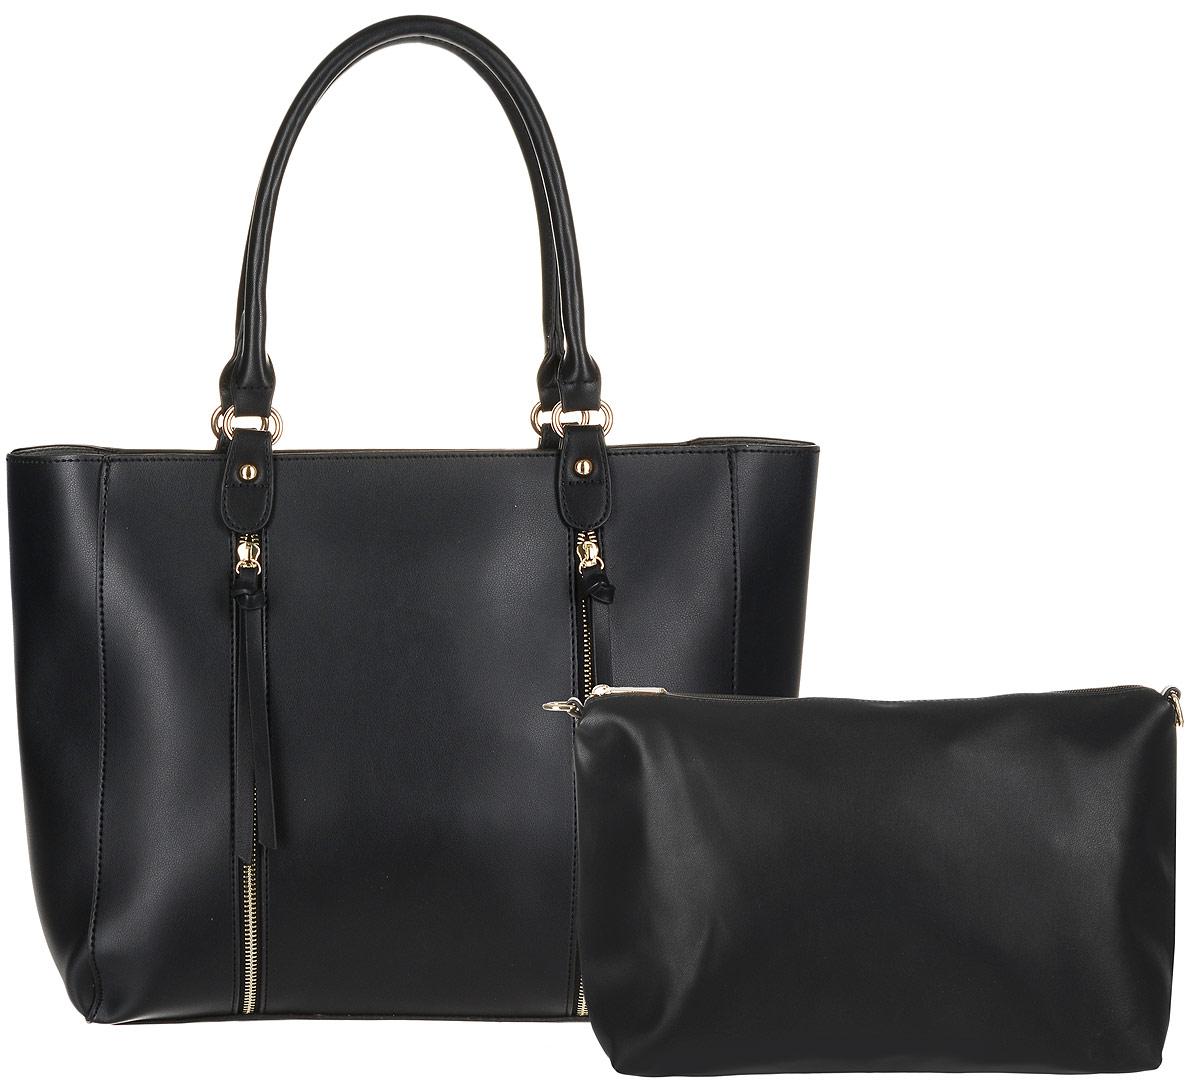 Сумка женская DDA, цвет: черный, 2 шт. BS-30033-47660-00504Женская сумка DDA выполнена из качественной искусственной кожи. В комплекте 2 сумочки: большая с двумя ручками и маленькая с наплечным ремнем. Большая сумка имеет одно вместительное отделение и застегивается на молнию. Лицевая часть оформлена двумя декоративными молниями. Сумка не содержит дополнительных карманов. Маленькая сумочка имеет съемный плечевой ремень, содержит одно отделение и застегивается на молнию. Внутри отделения расположены два открытых накладных кармана и один врезной. Сумочка легко помещается в большую.